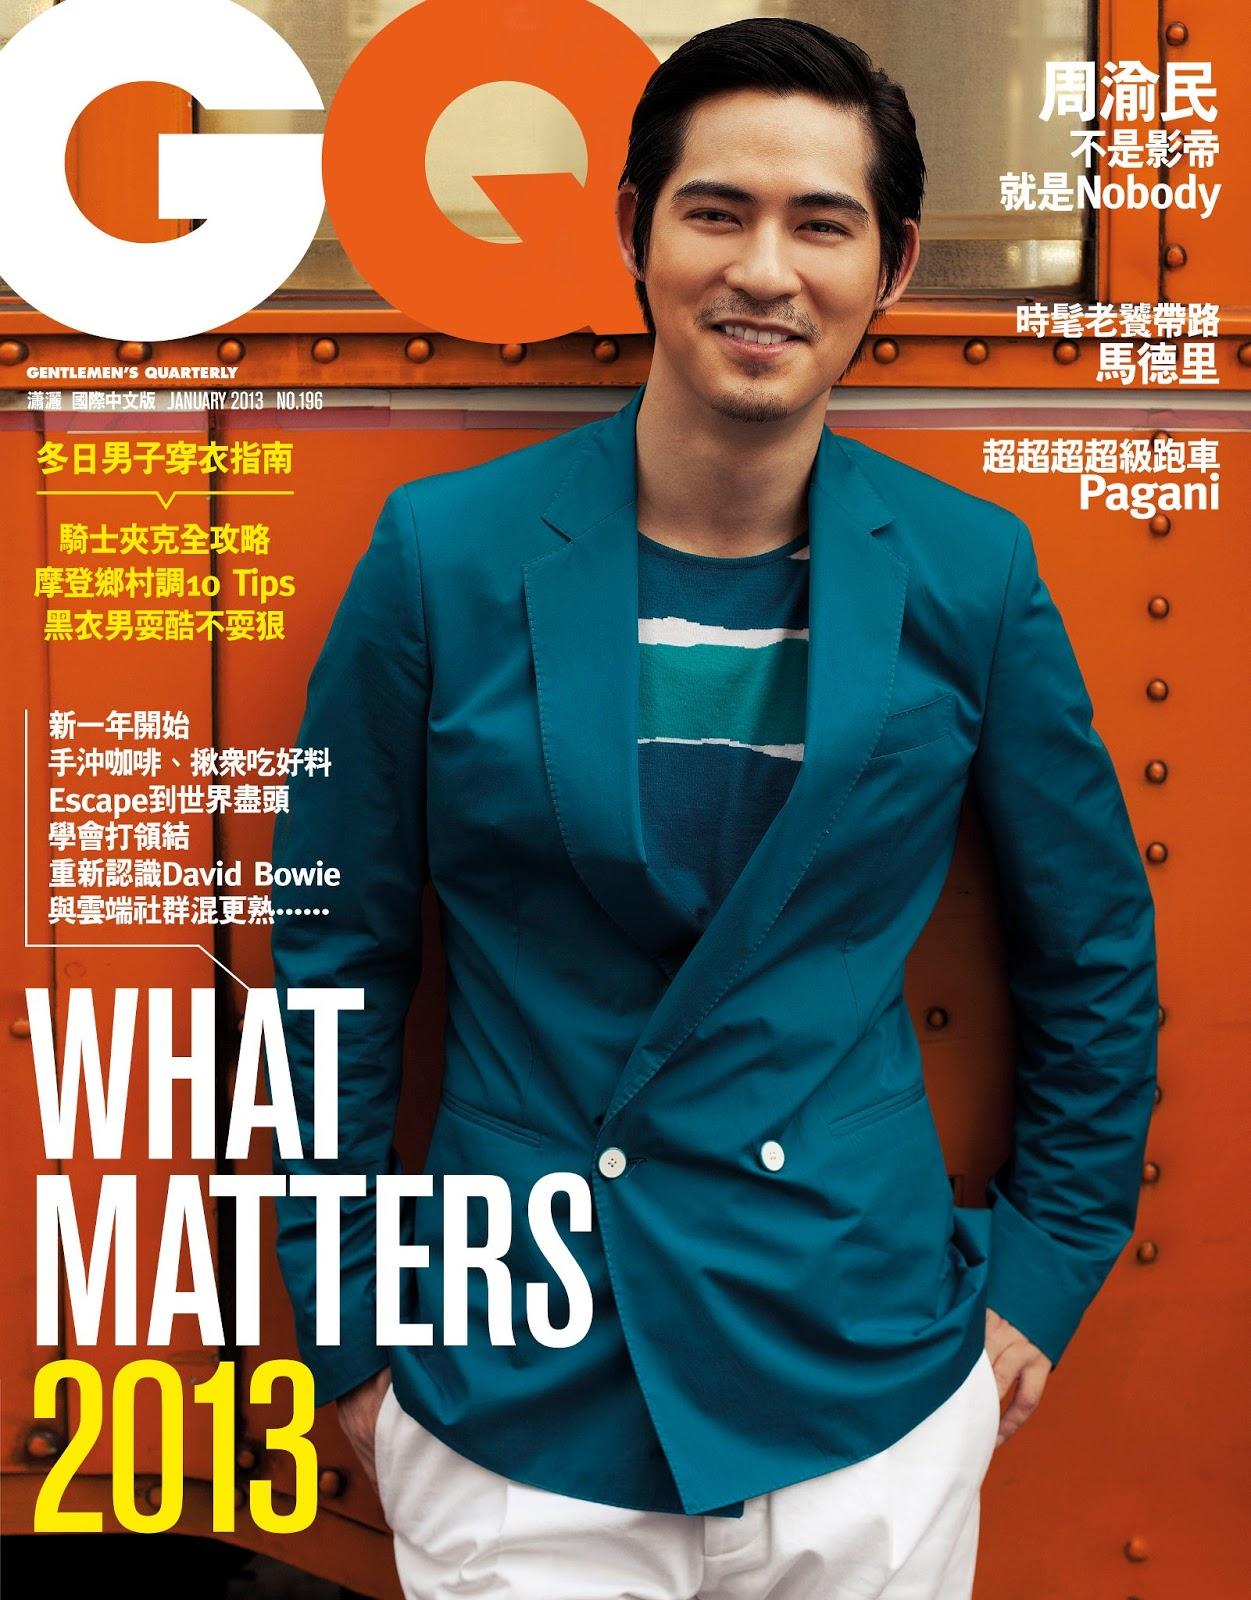 http://2.bp.blogspot.com/-jOodZIE-9aU/UPY3YJRcbGI/AAAAAAAA9Ro/7MR-47kxRwQ/s1600/GQ-Taiwan-January-2013-Vic-Zhou-Cover.jpg